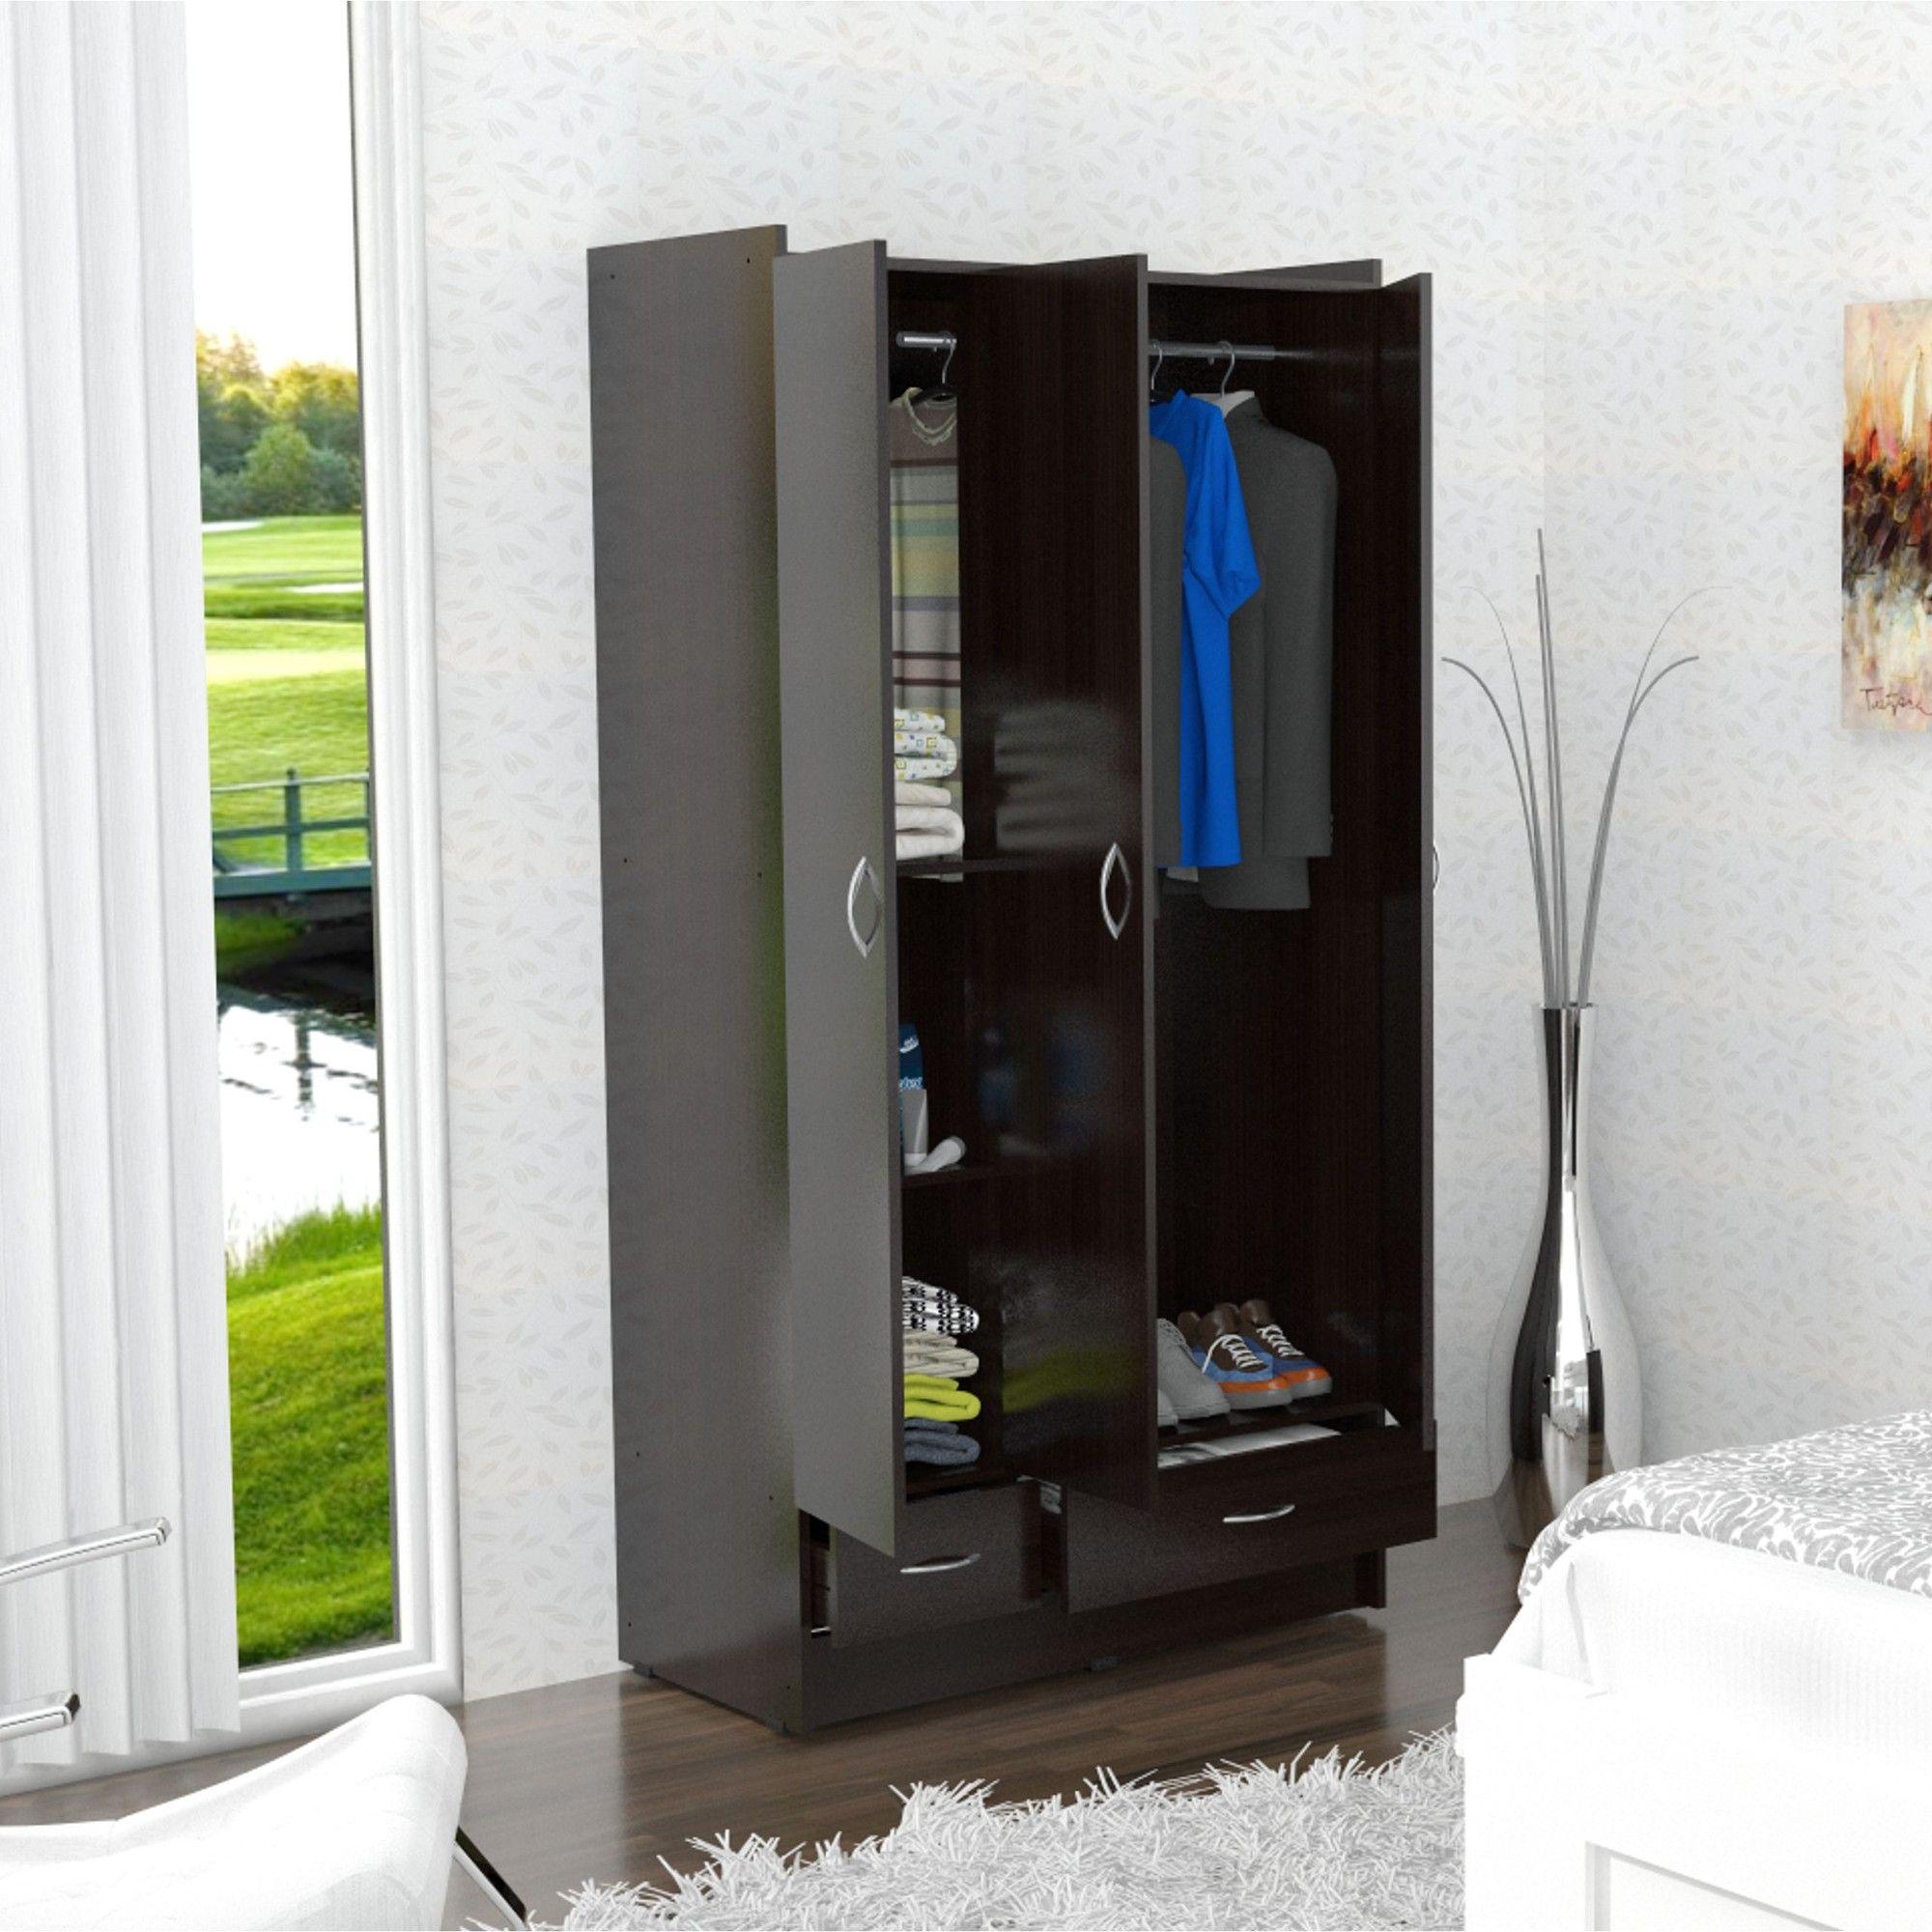 Pin On Beddy Bye Room Wayfair bedroom wardrobes armoires